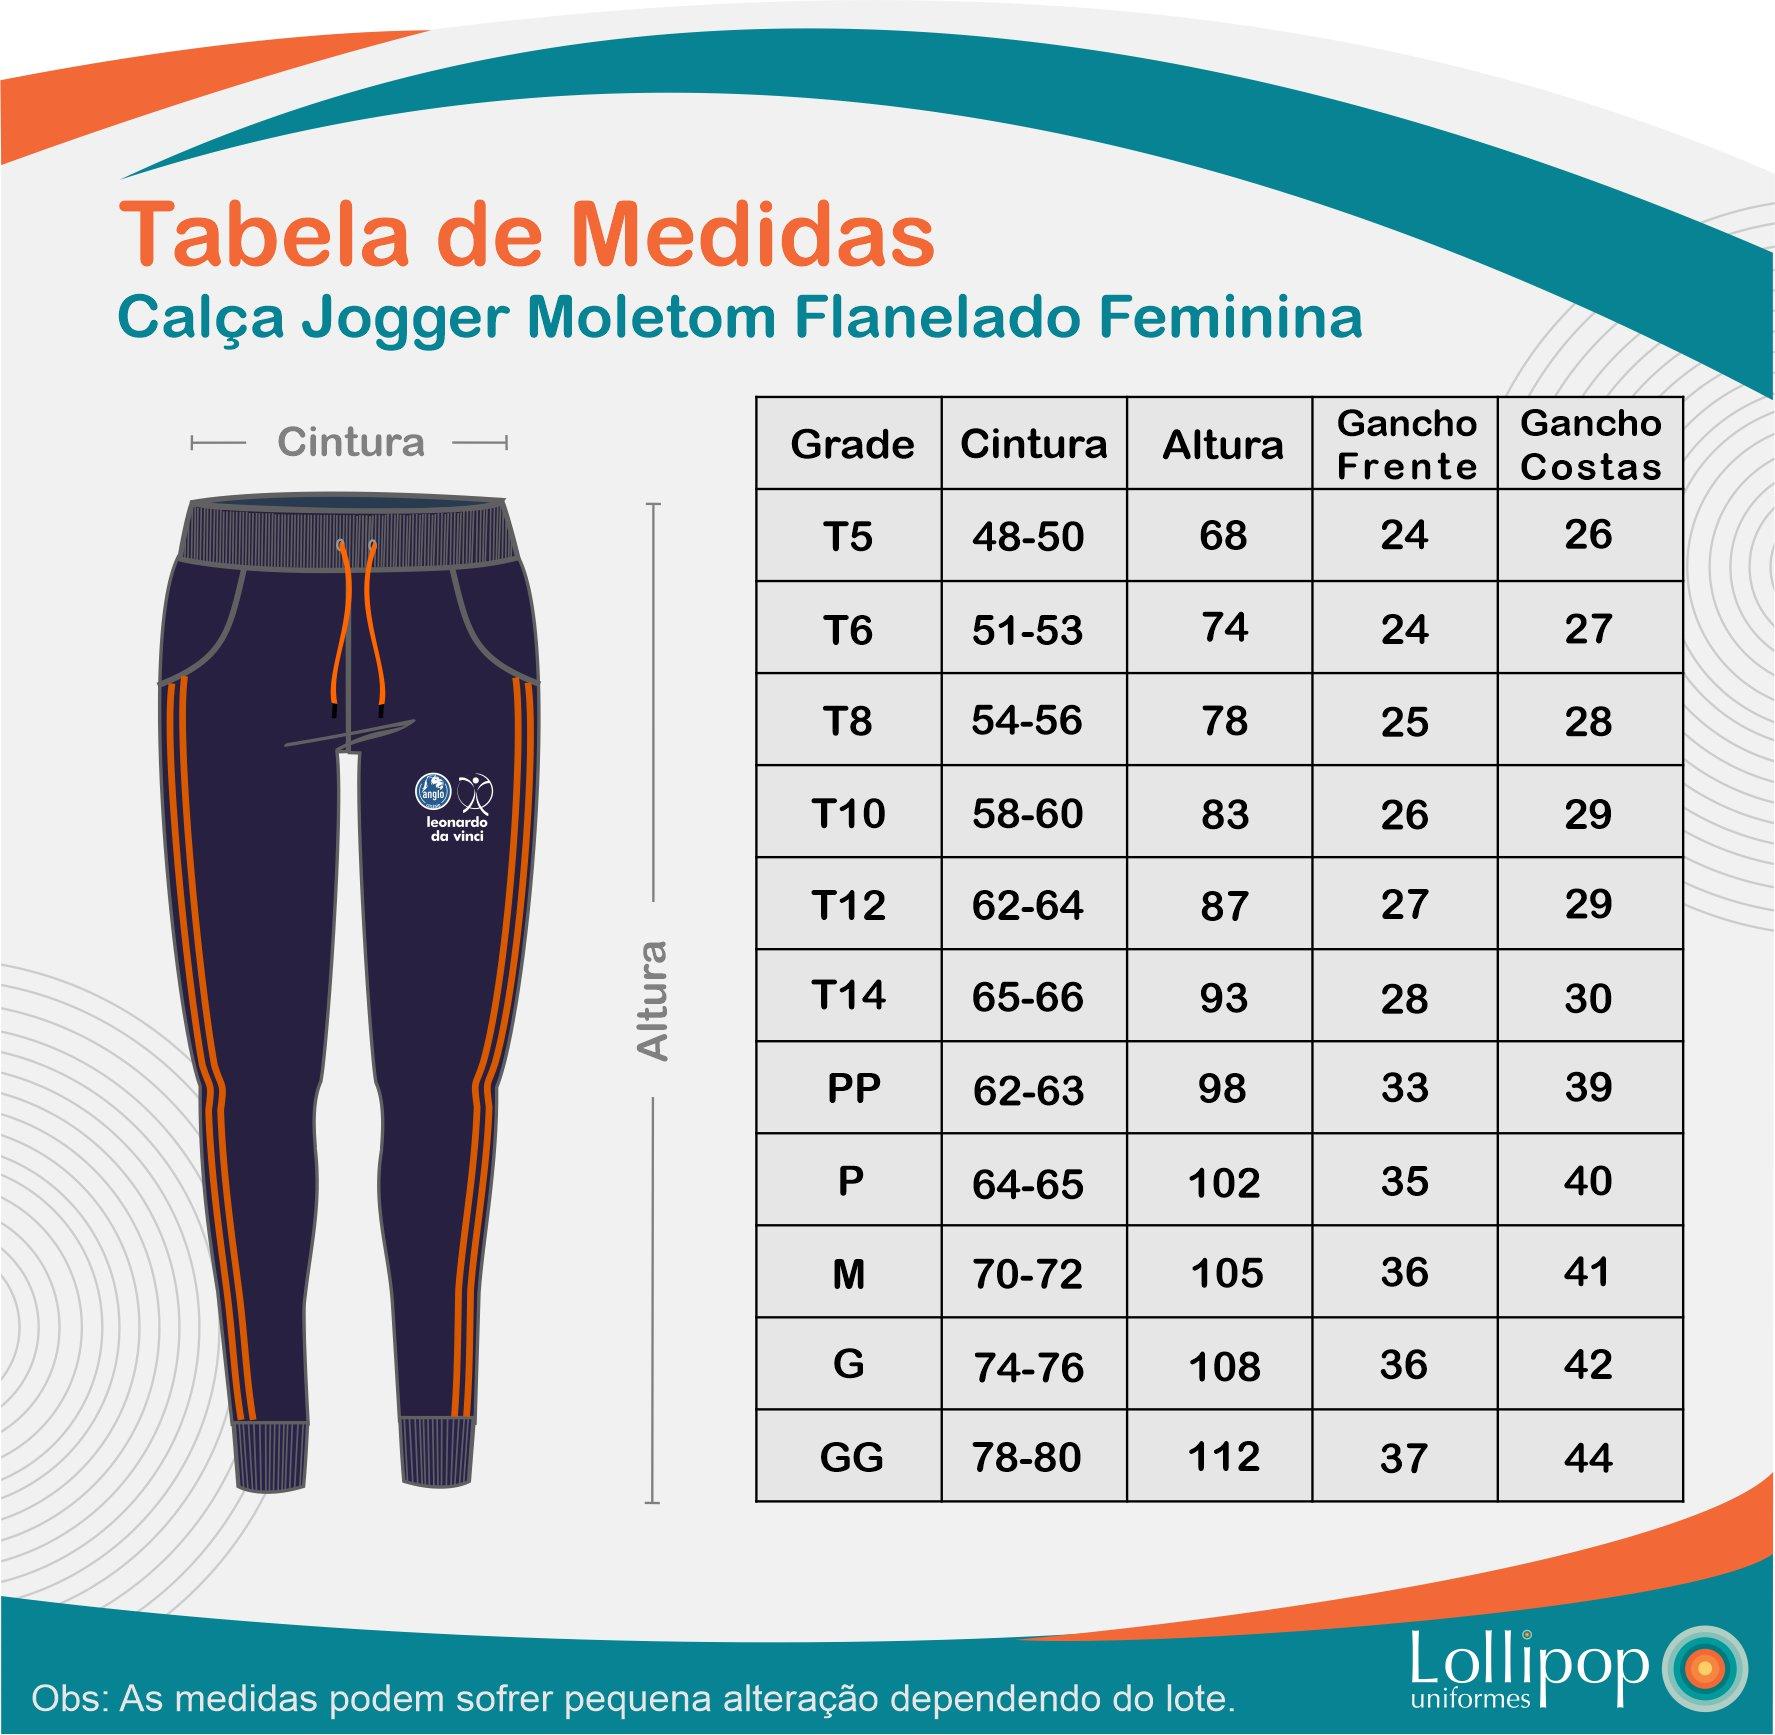 CALÇA JOGGER MOLETOM FLANELADO FEMININA ANGLO